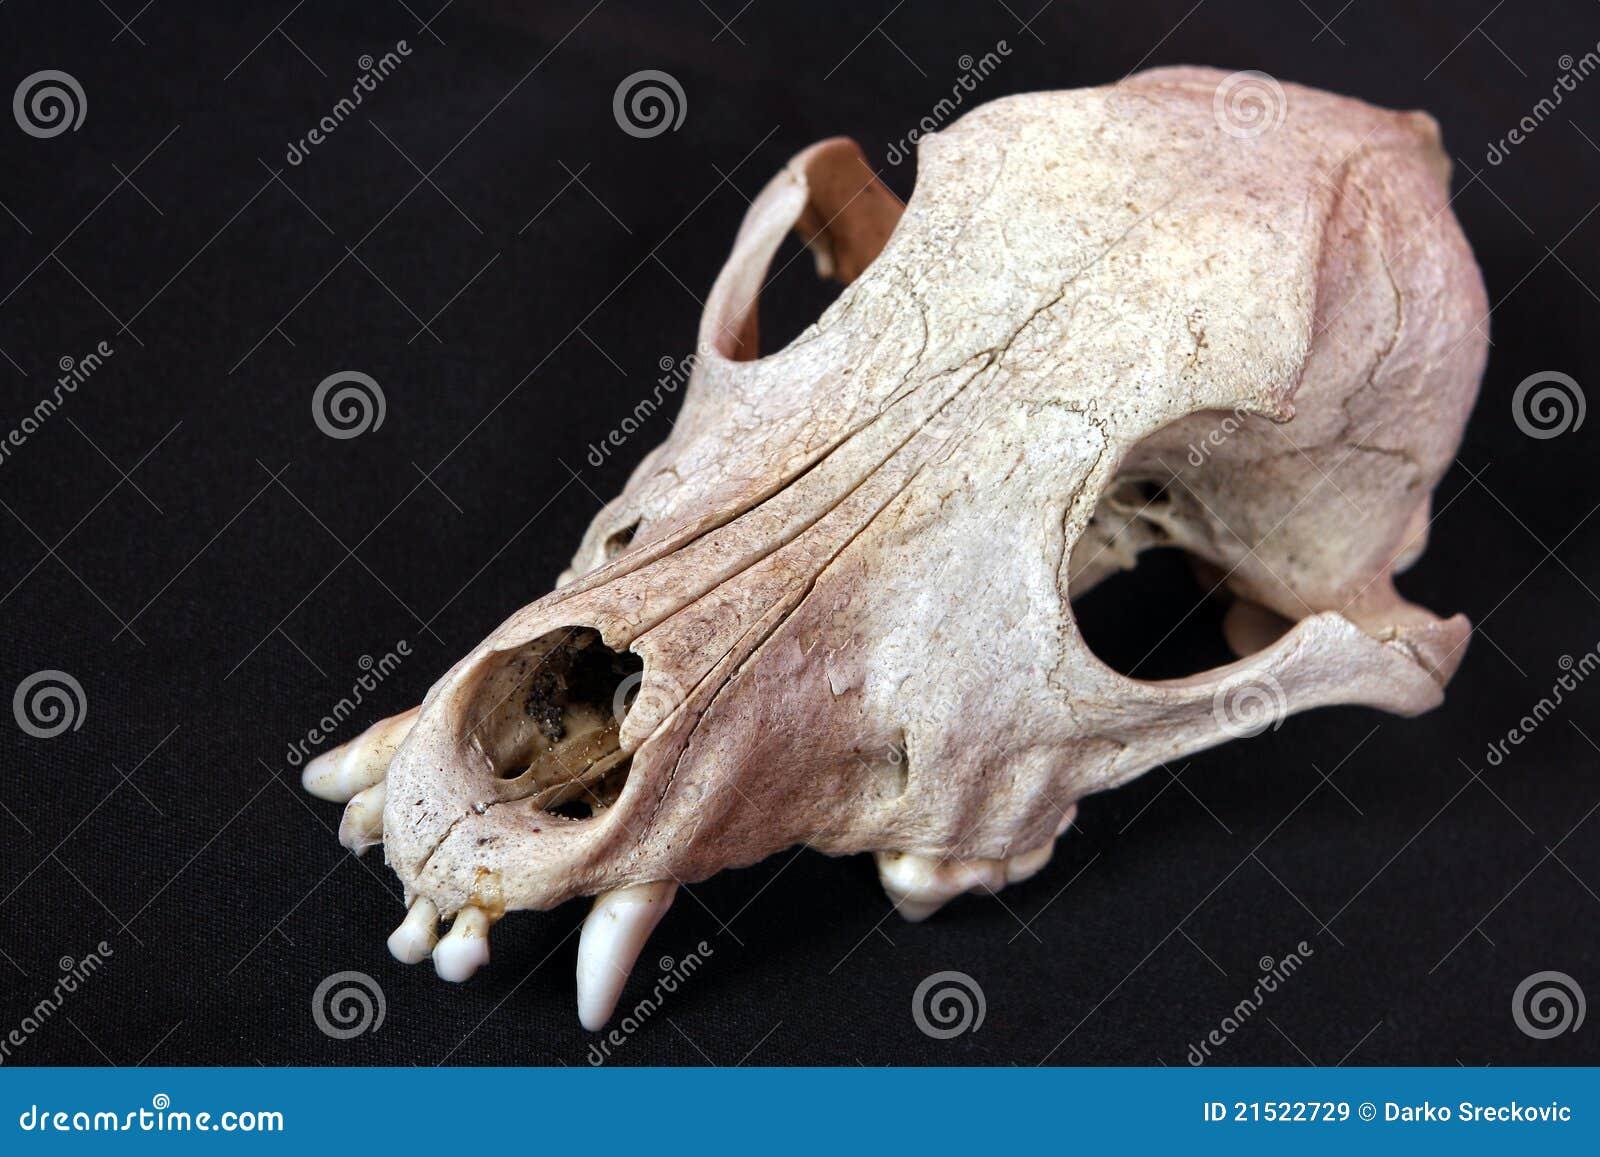 Dog Skull Stock Image  Image Of Anatomy  Tooth  Bone